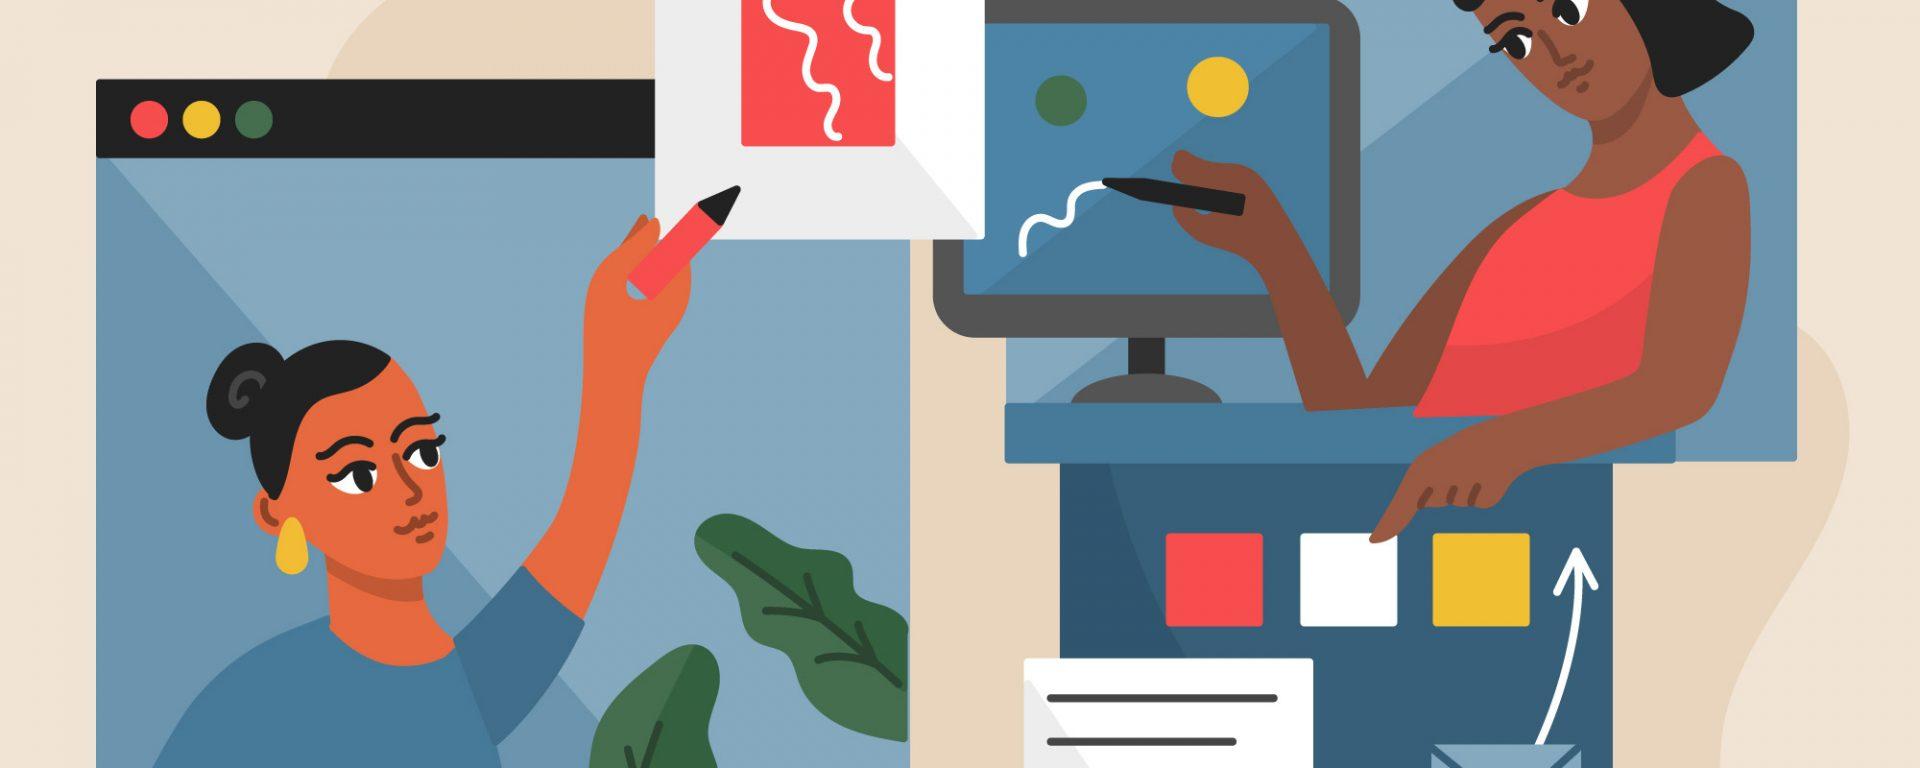 Aprendizaje experiencial en el aula virtual